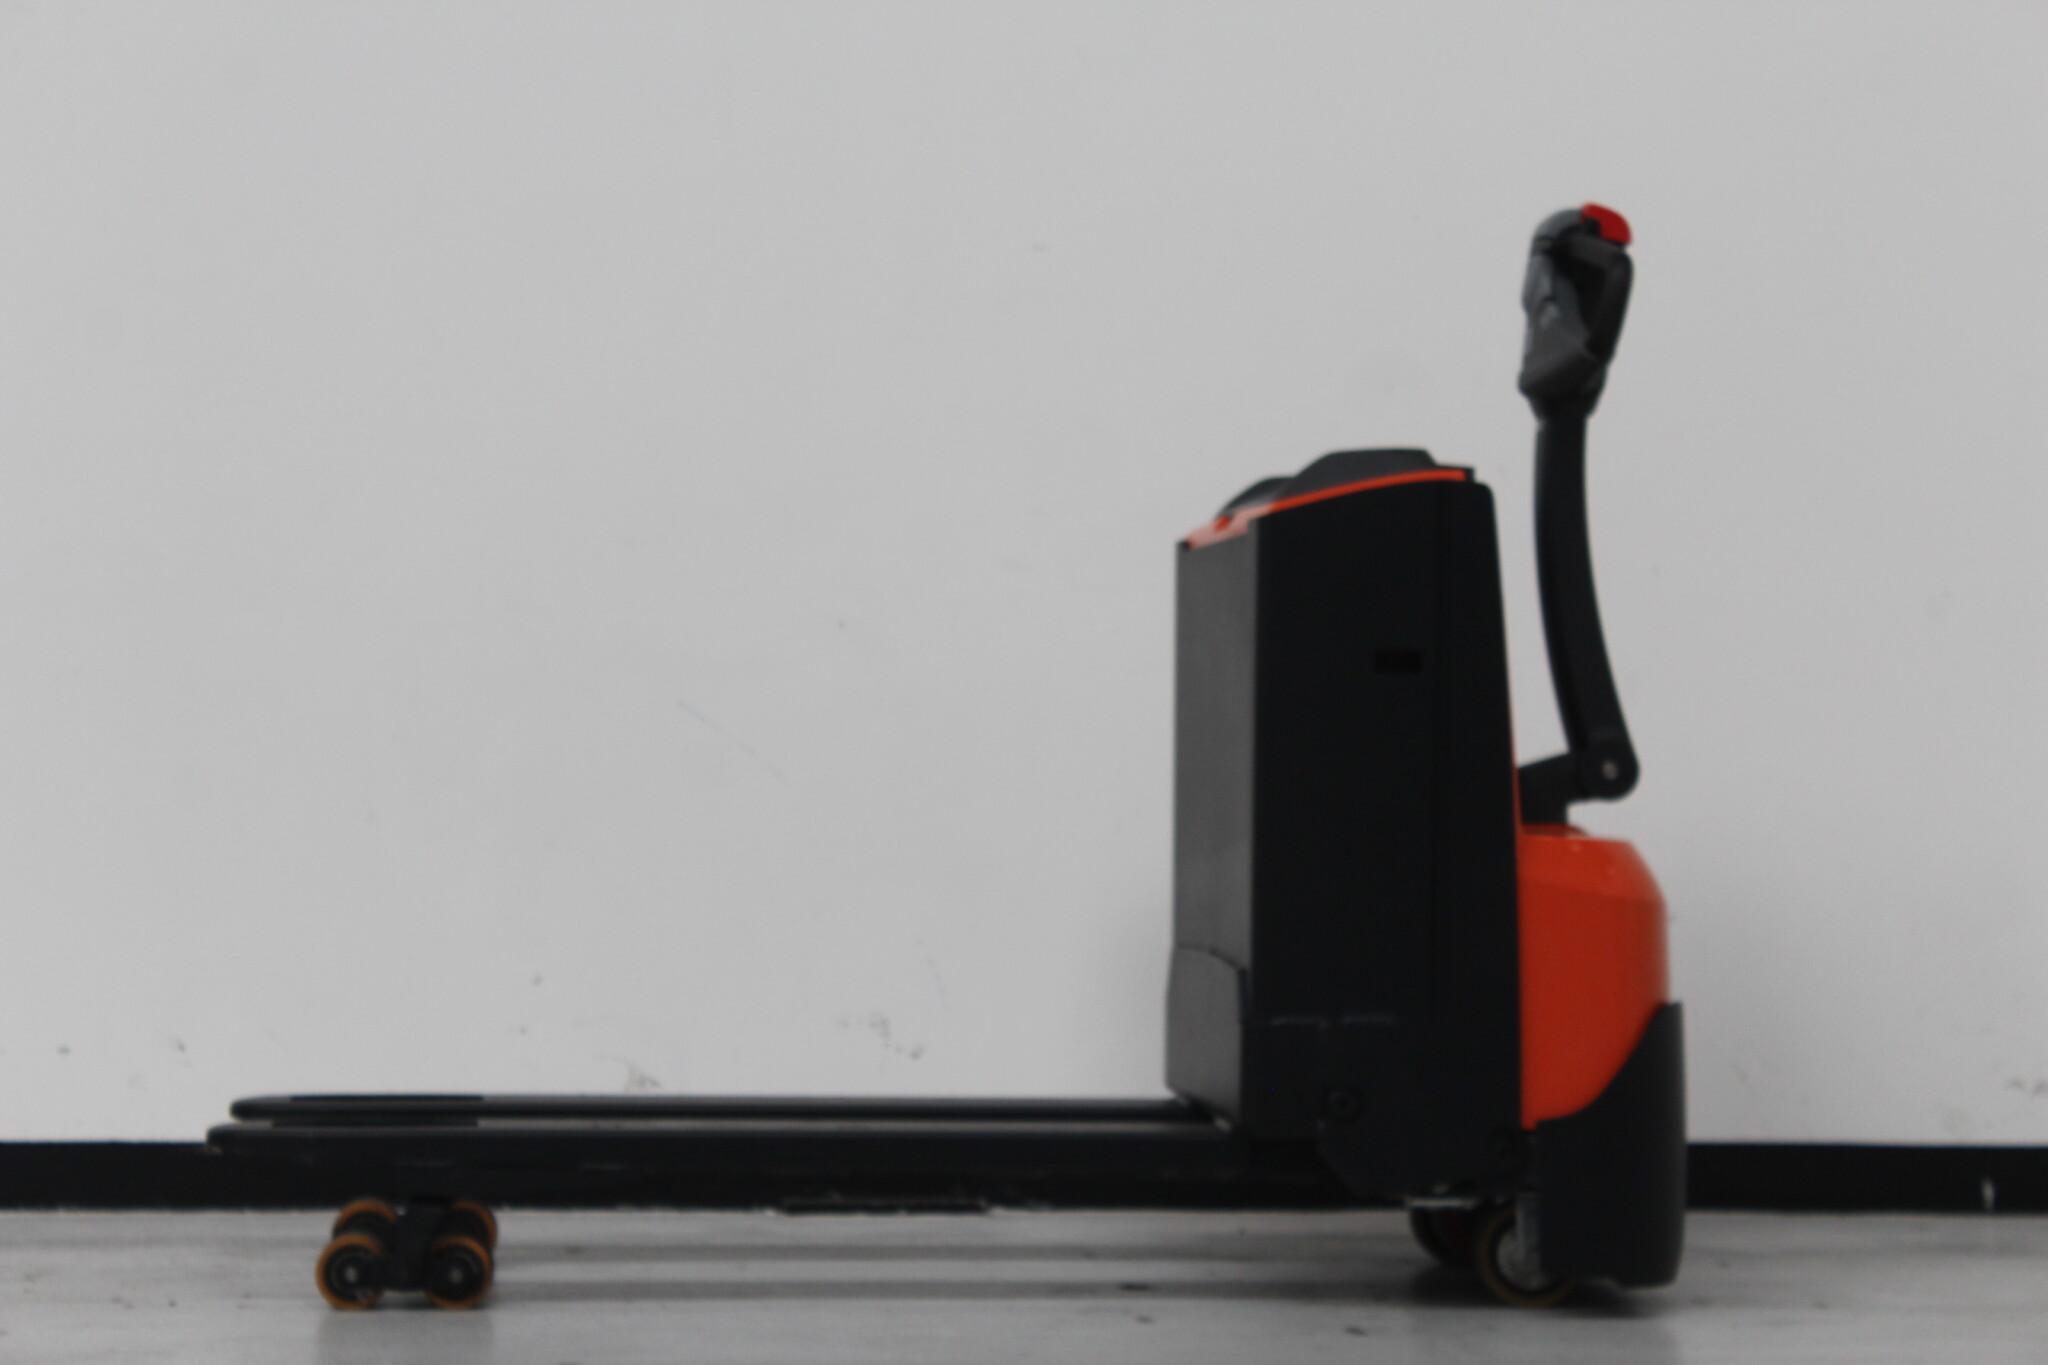 Toyota-Gabelstapler-59840 2010035191 1 scaled